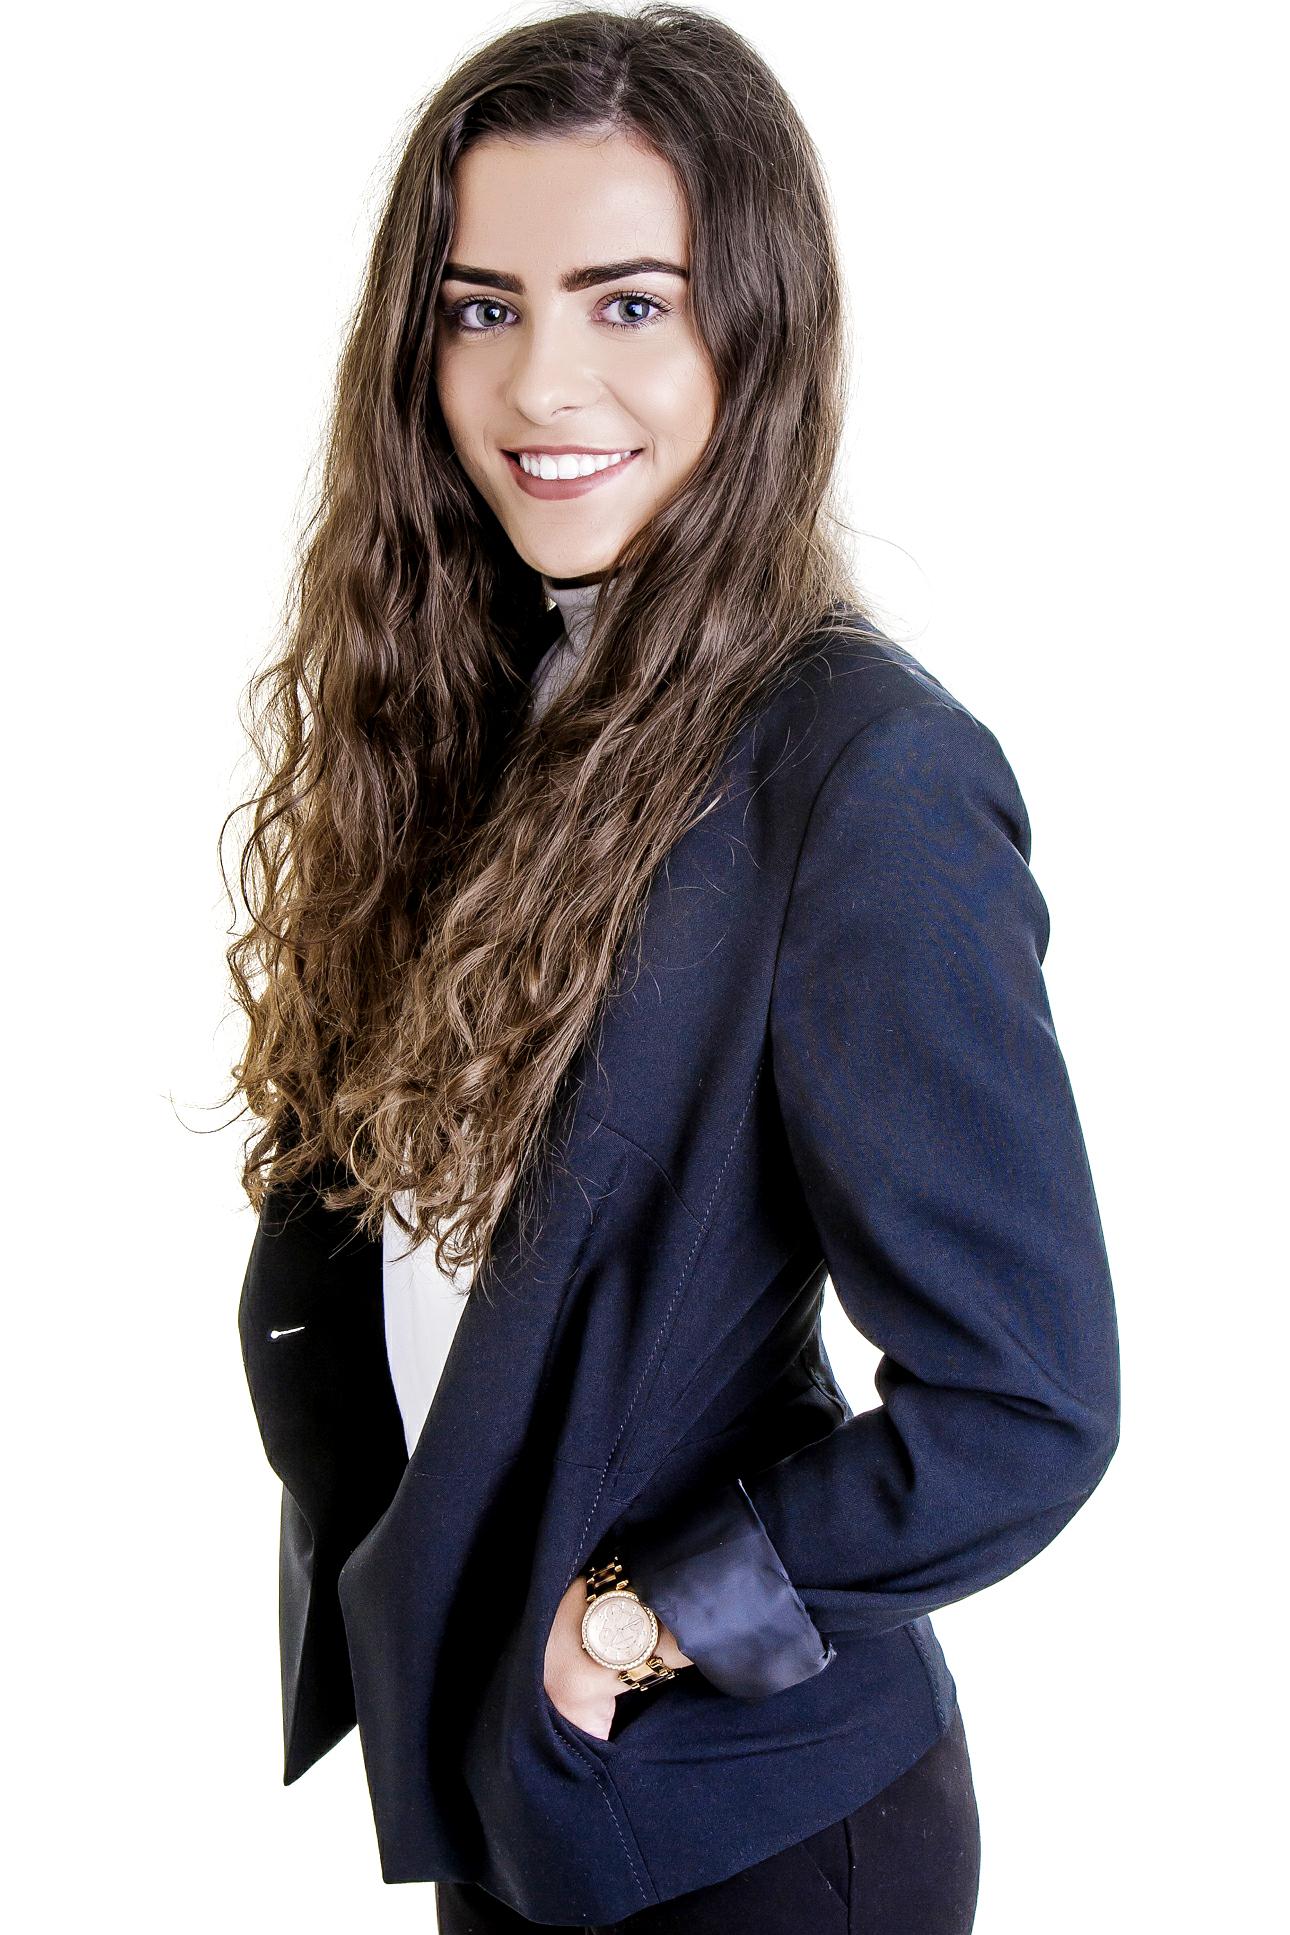 Ciara Jordan